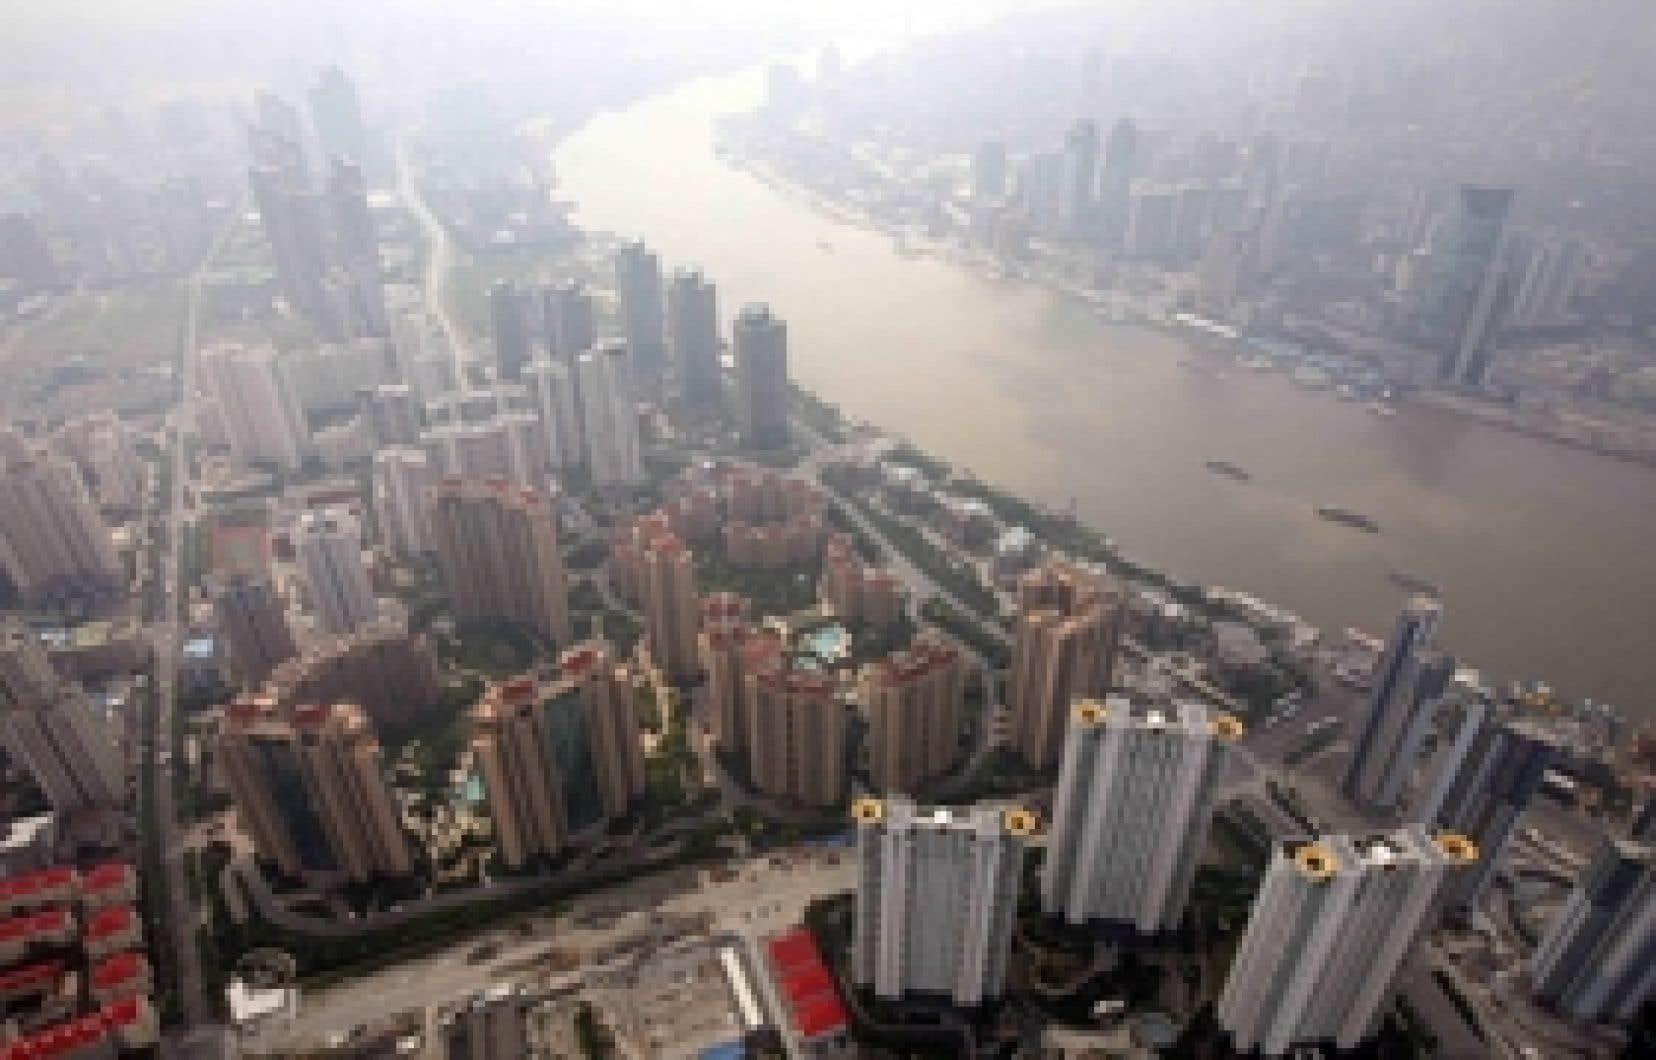 Une vue aérienne du quartier des affaires de Shanghaï. Qui empêche le taux de croissance mondiale de tomber sous les 4,5 %? Pas les États-Unis, qui frôlent la récession en ce début d'année, ni l'Europe, avec ses 2 % anémiques, mais la locomo